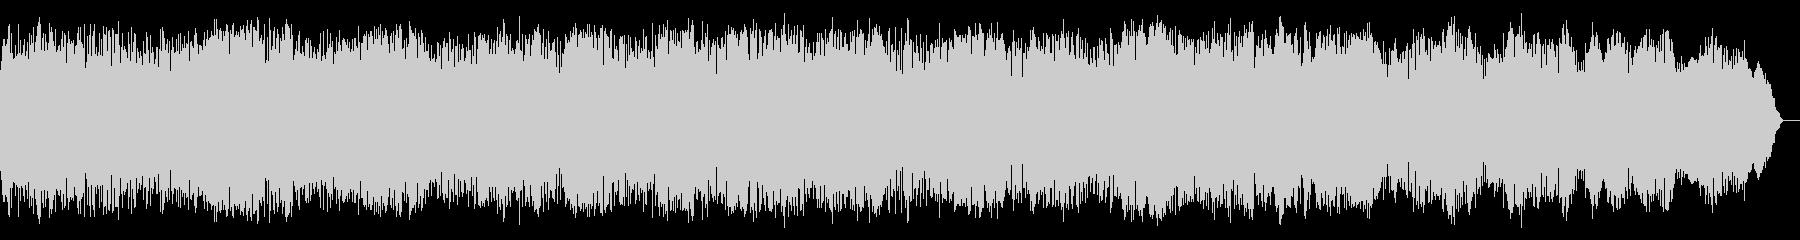 チェロ・アンビエントの未再生の波形